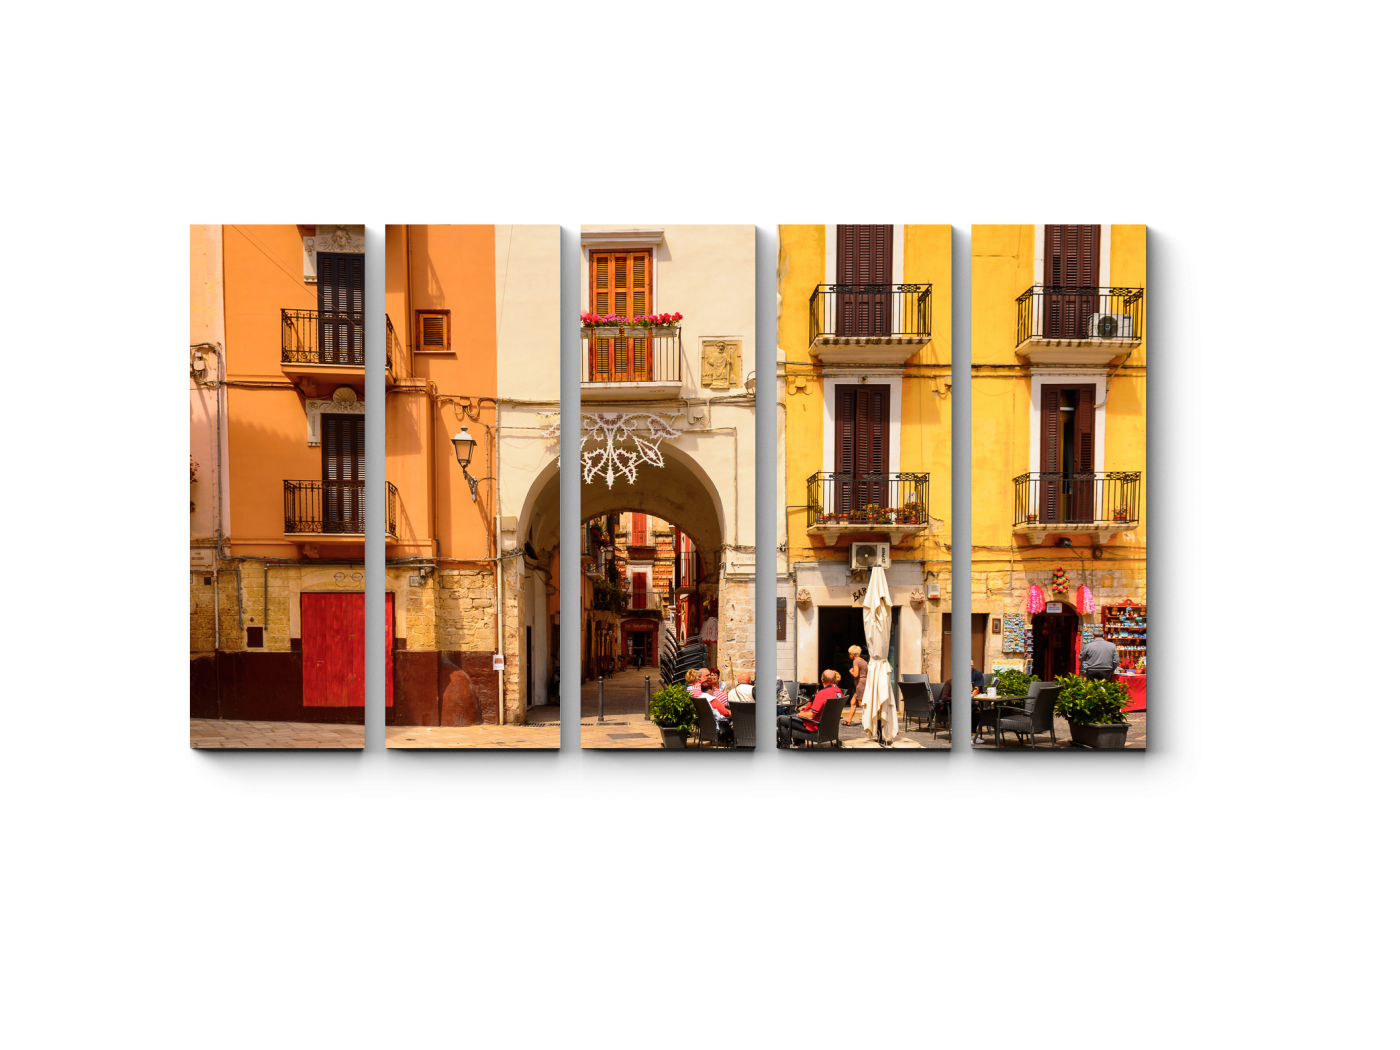 Модульная картина Архитектура Старого города Бари (90x54) фото